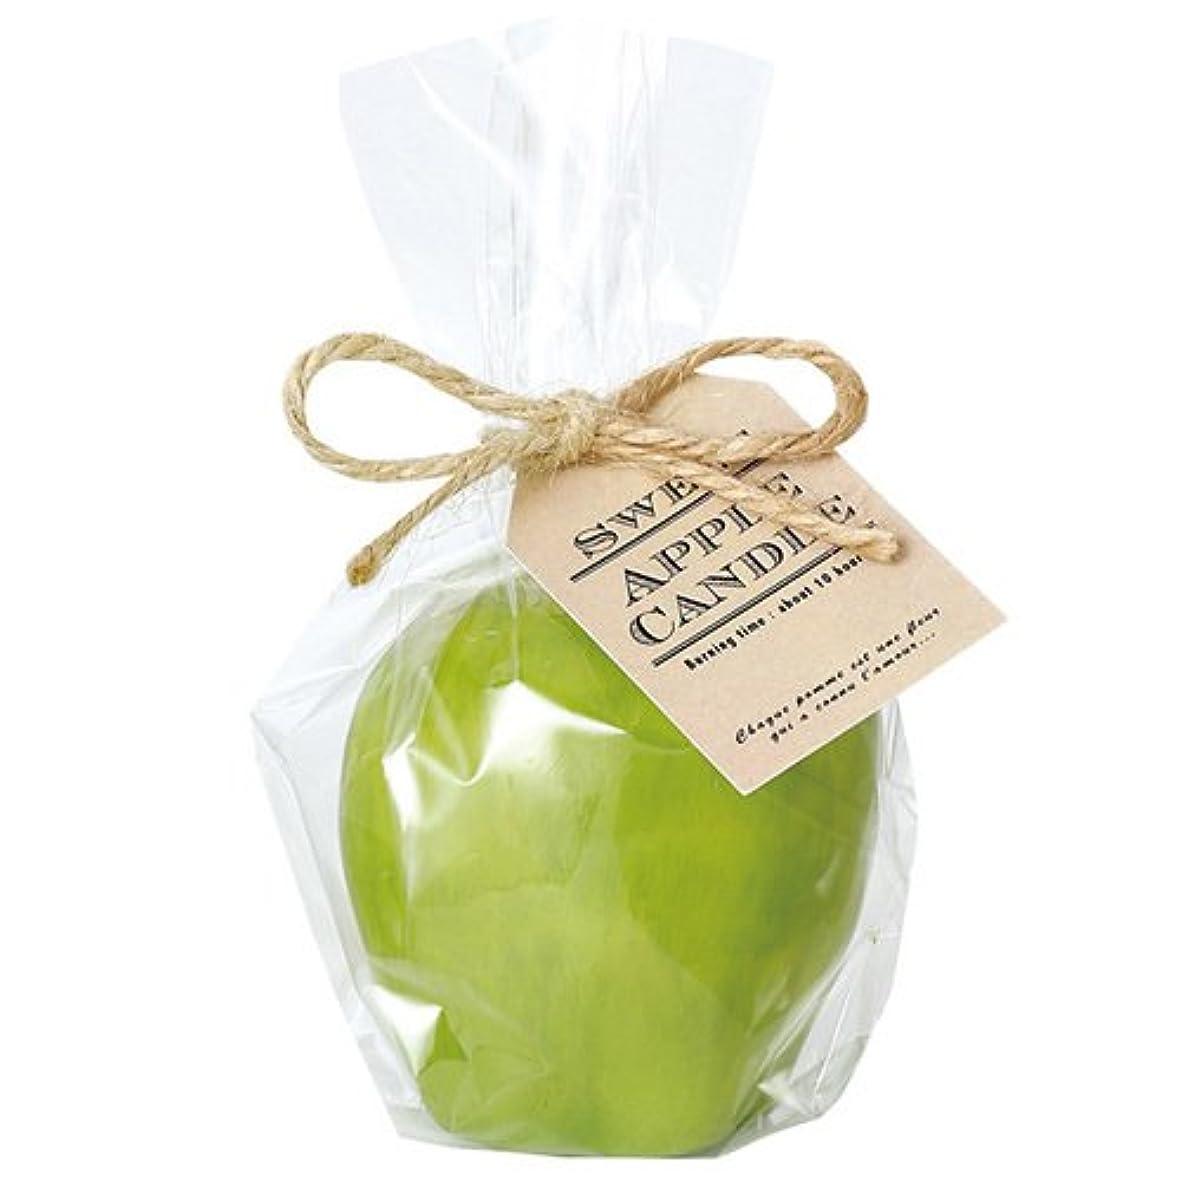 中世の支店おばあさんカメヤマキャンドルハウス スイートアップルキャンドル グリーン アップルの香りつき